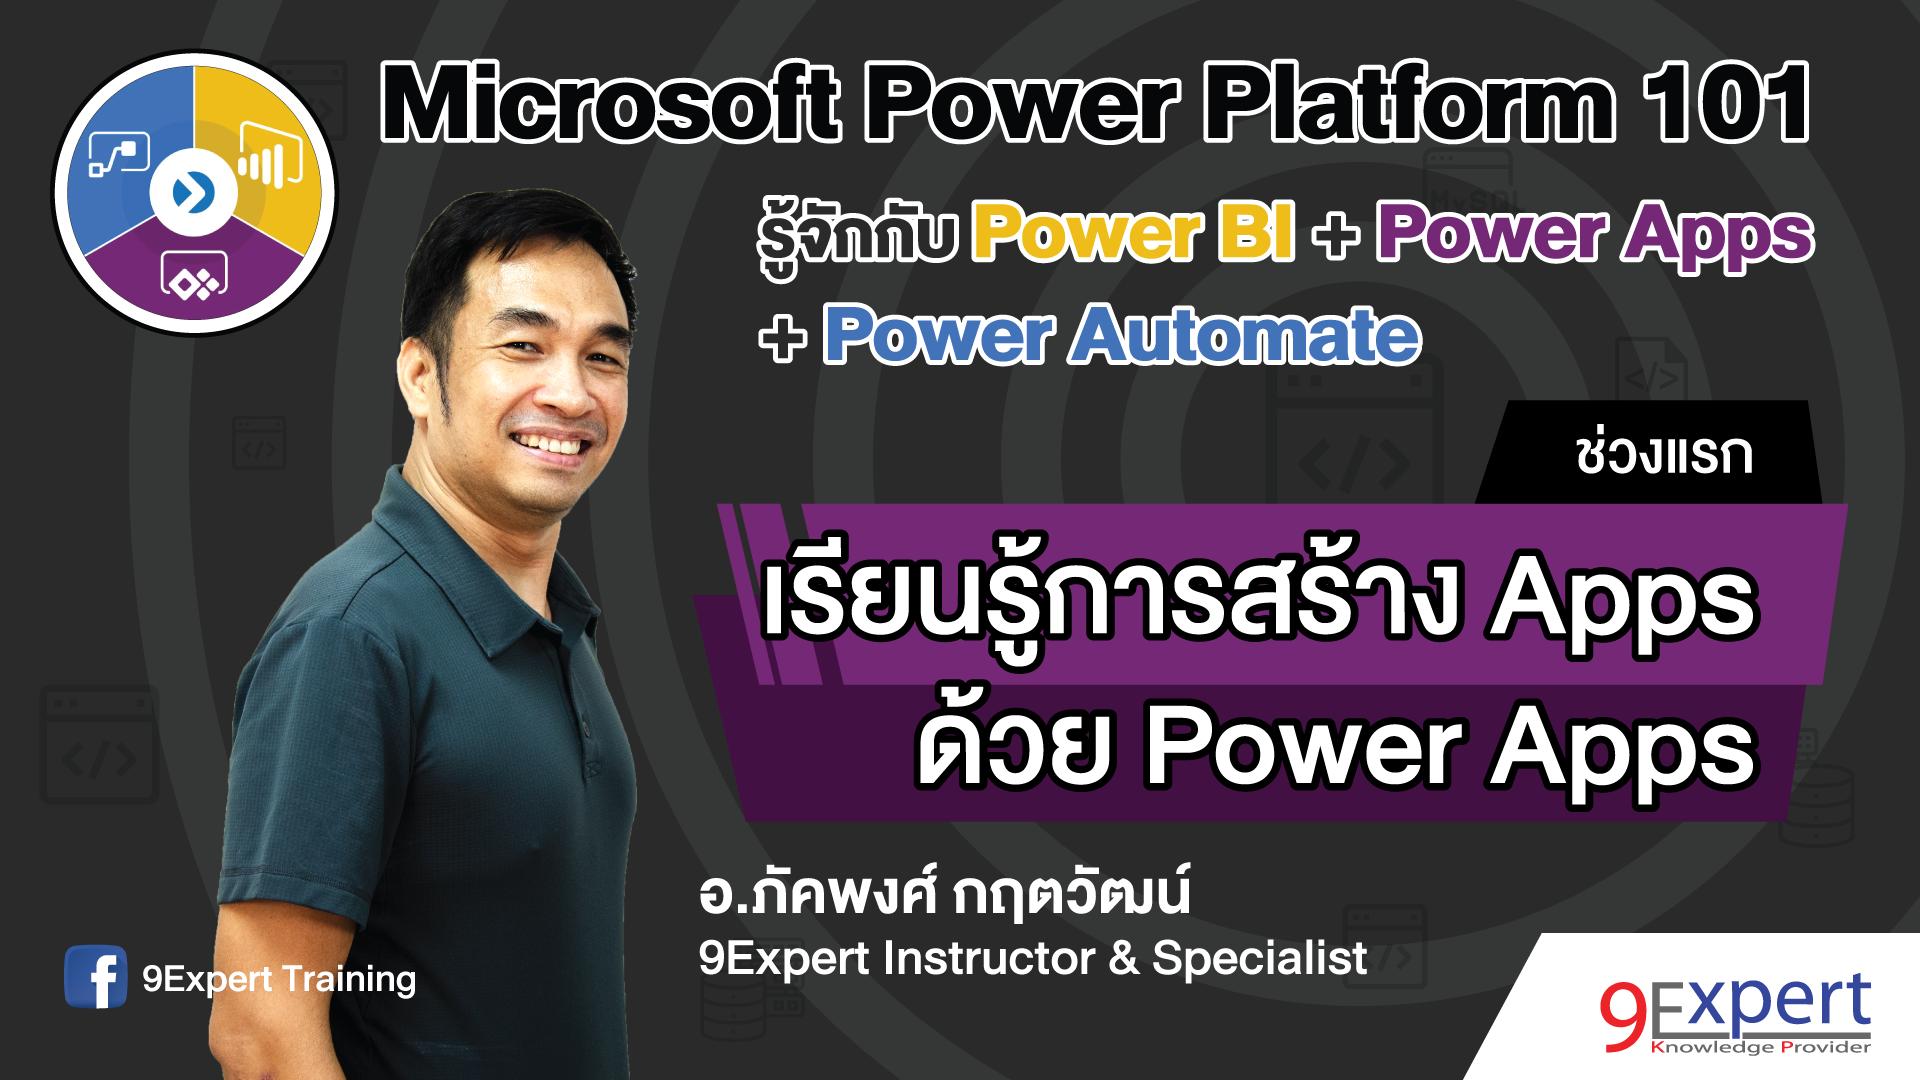 แนะนำ Microsoft Power Apps โปรแกรมในชุด Microsoft Power Platform